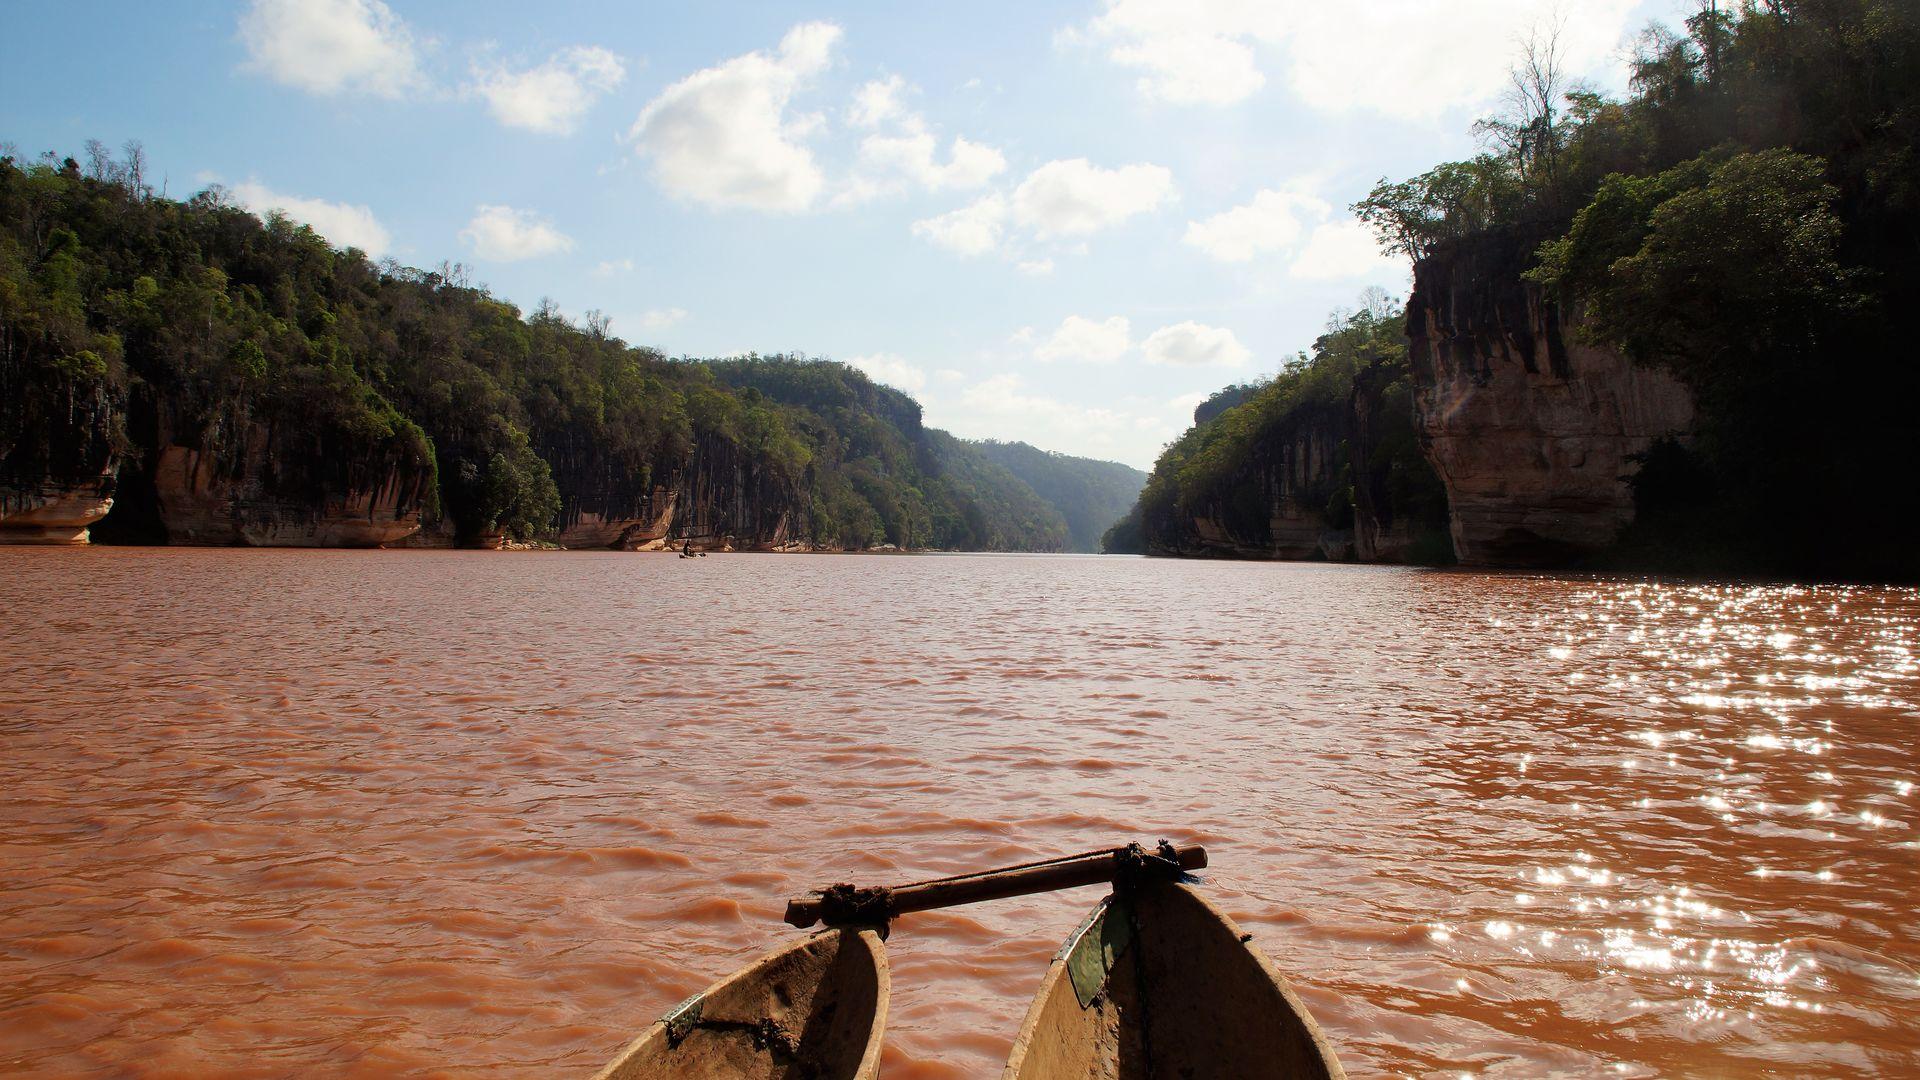 Madagascar reis - Tsingy de Bemaraha